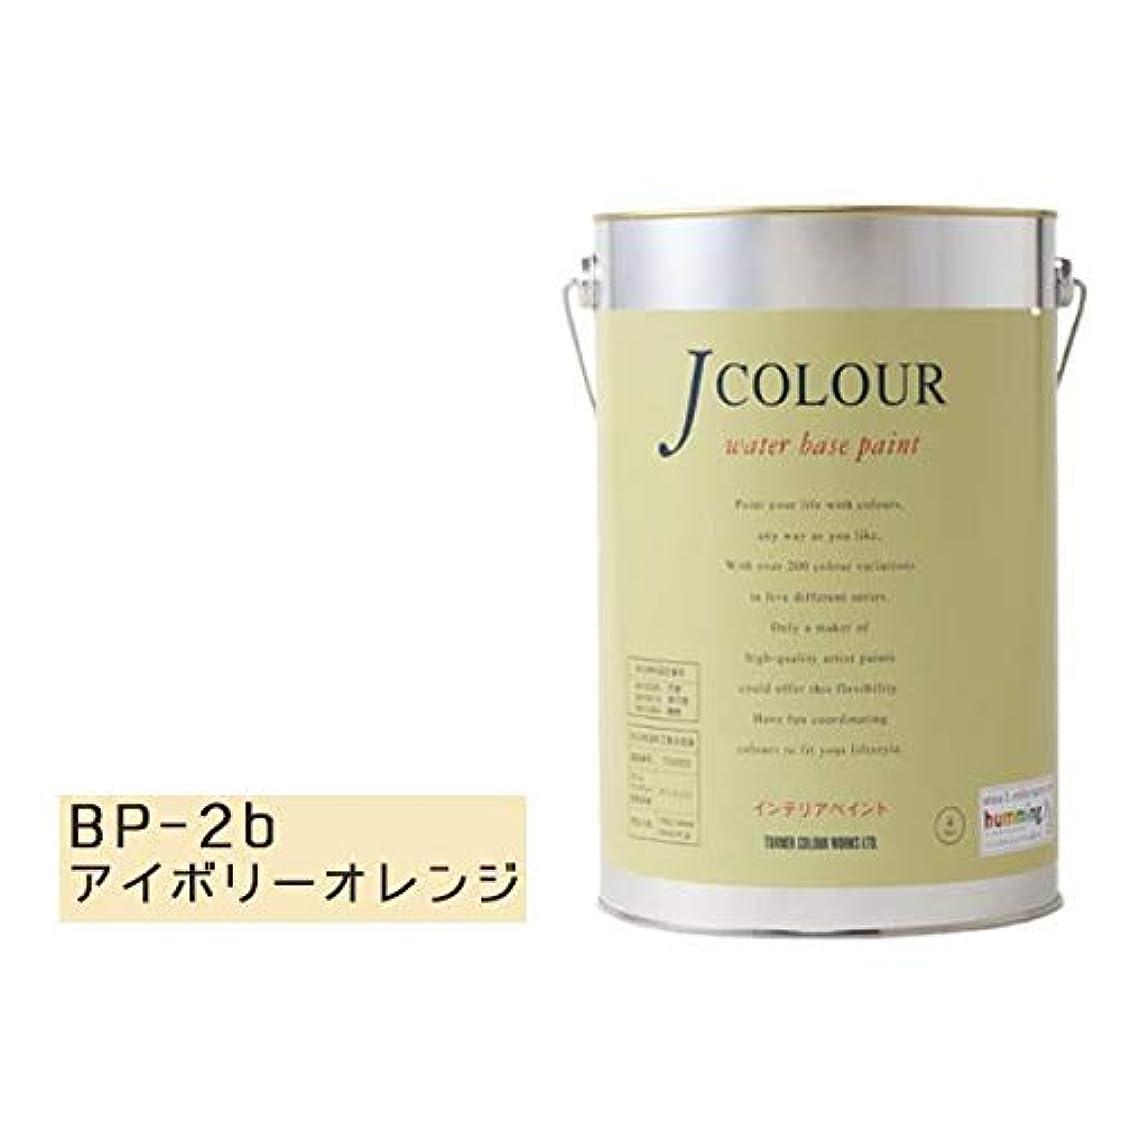 キノコブレス賢明な壁紙の上からでも簡単に塗れるインテリアペイント ターナー色彩 水性インテリアペイント Jカラー 4L アイボリーオレンジ JC40BP2B(BP-2b) 〈簡易梱包